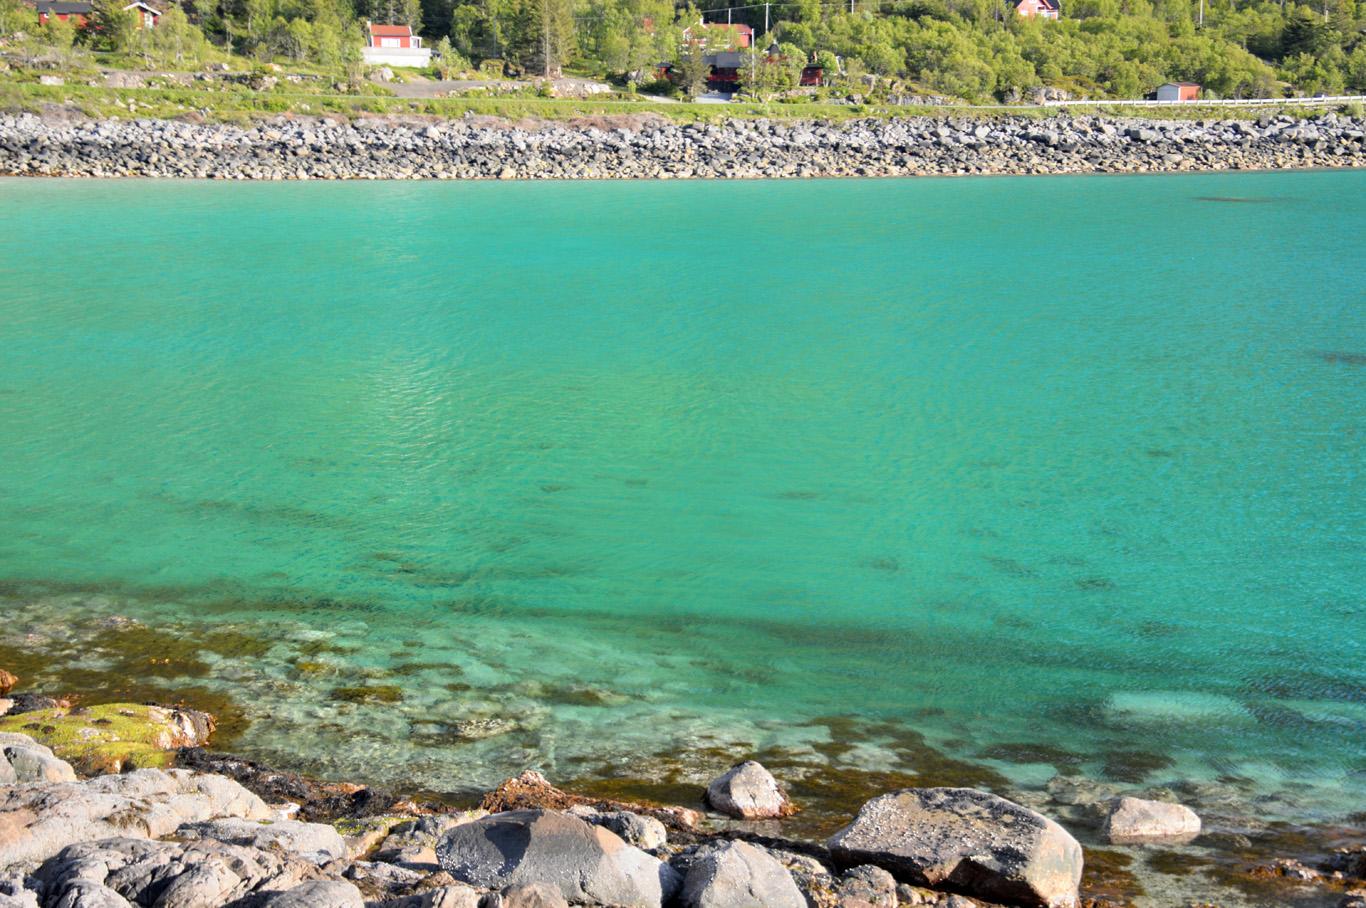 Rorvik beach